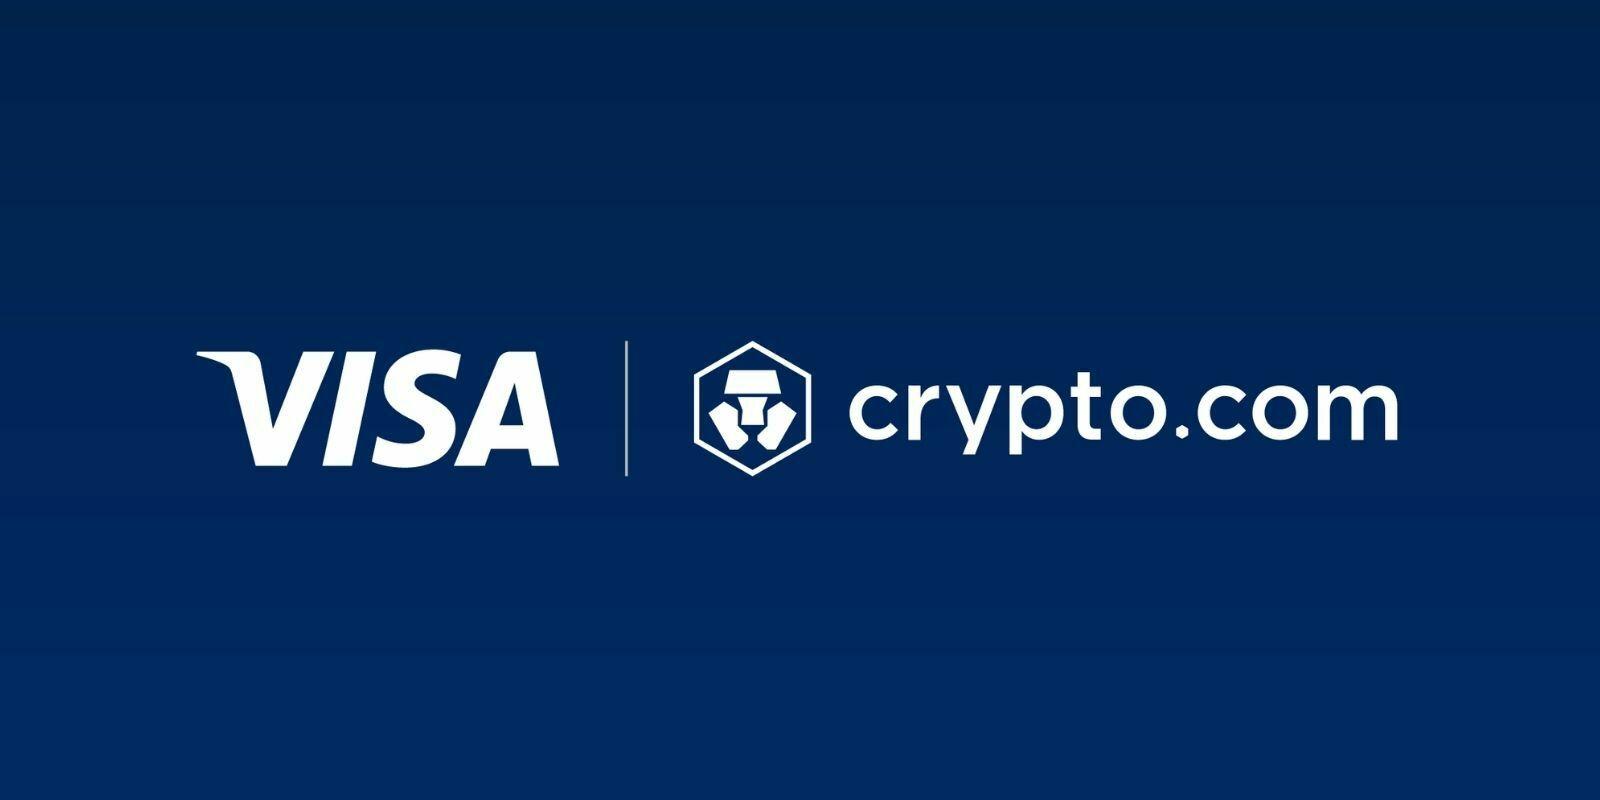 Crypto.com (CRO) s'offre un partenariat mondial avec Visa et lance un service de prêt